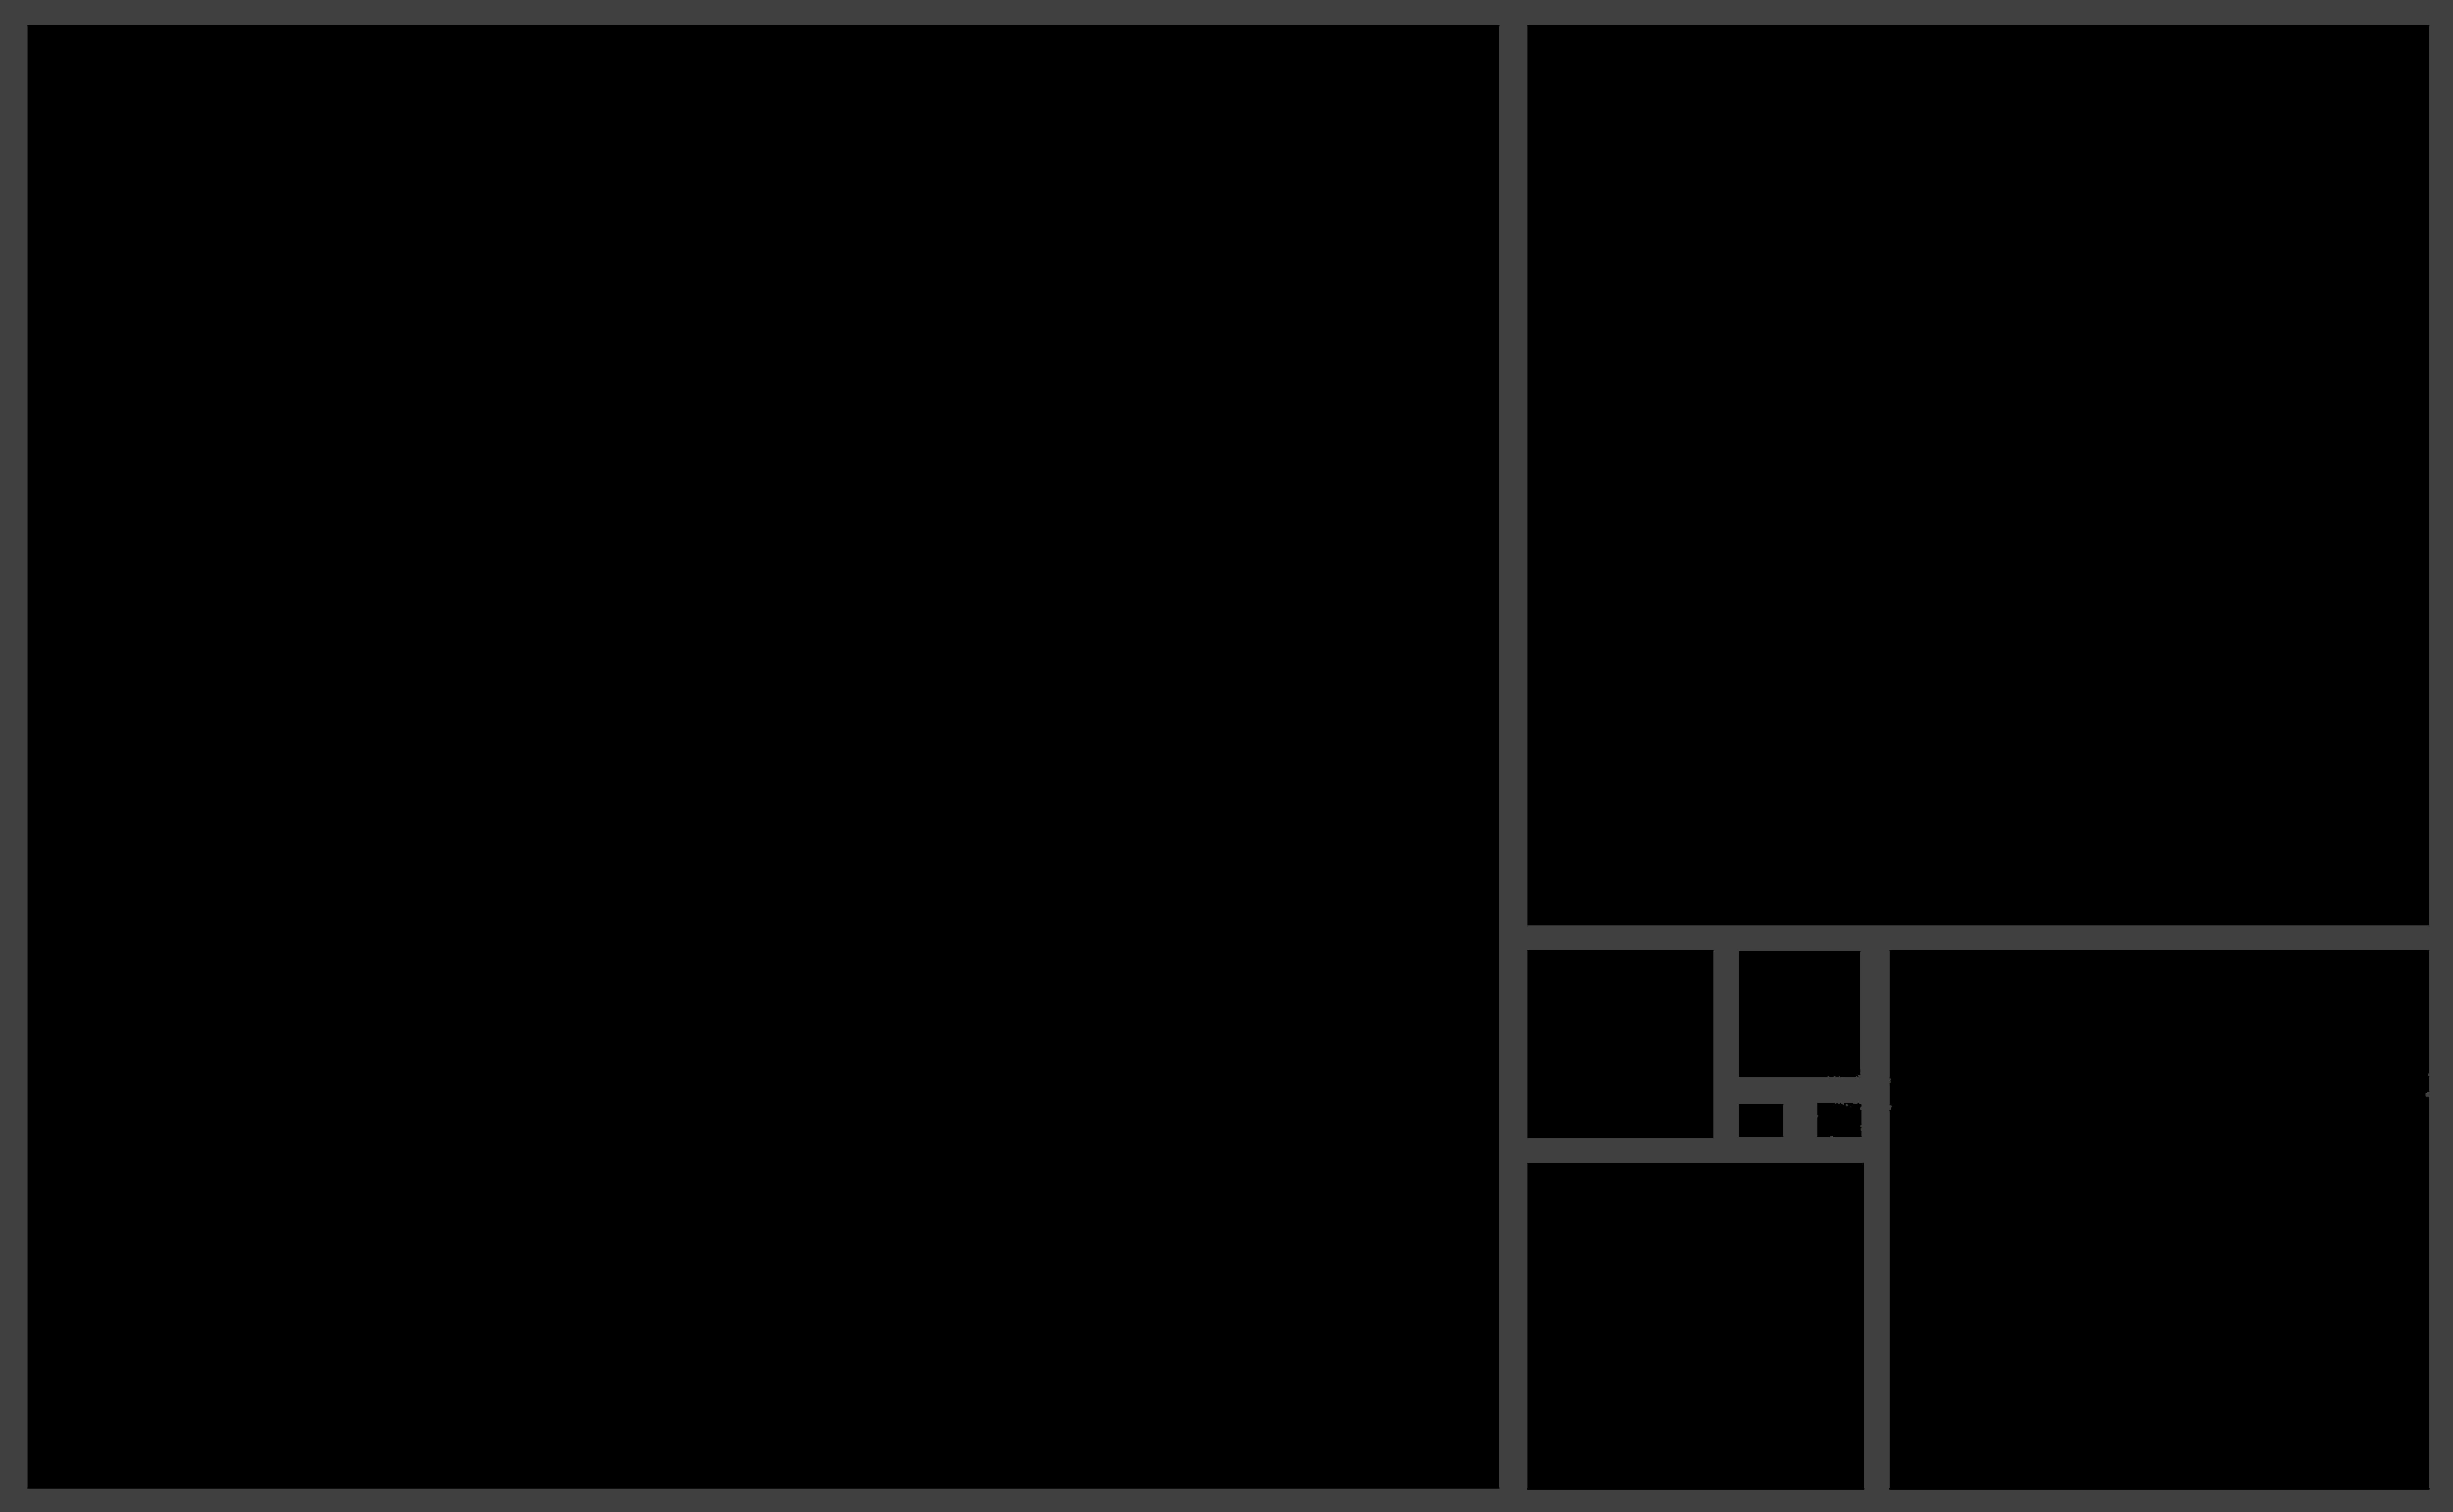 goldener schnitt bessere fotos machen mit der drittel regel. Black Bedroom Furniture Sets. Home Design Ideas